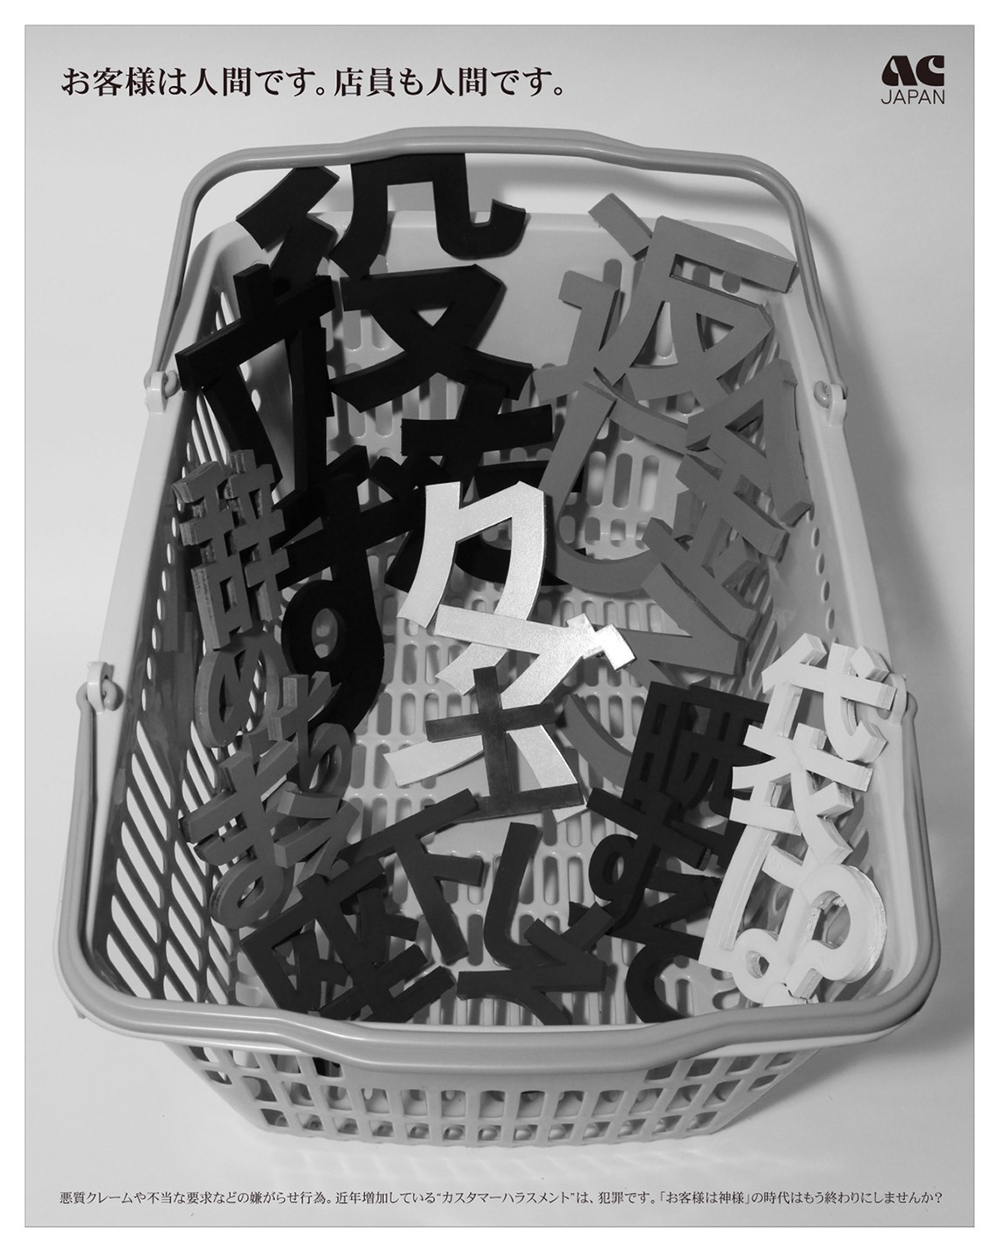 下石和さんの審査員特別賞作品